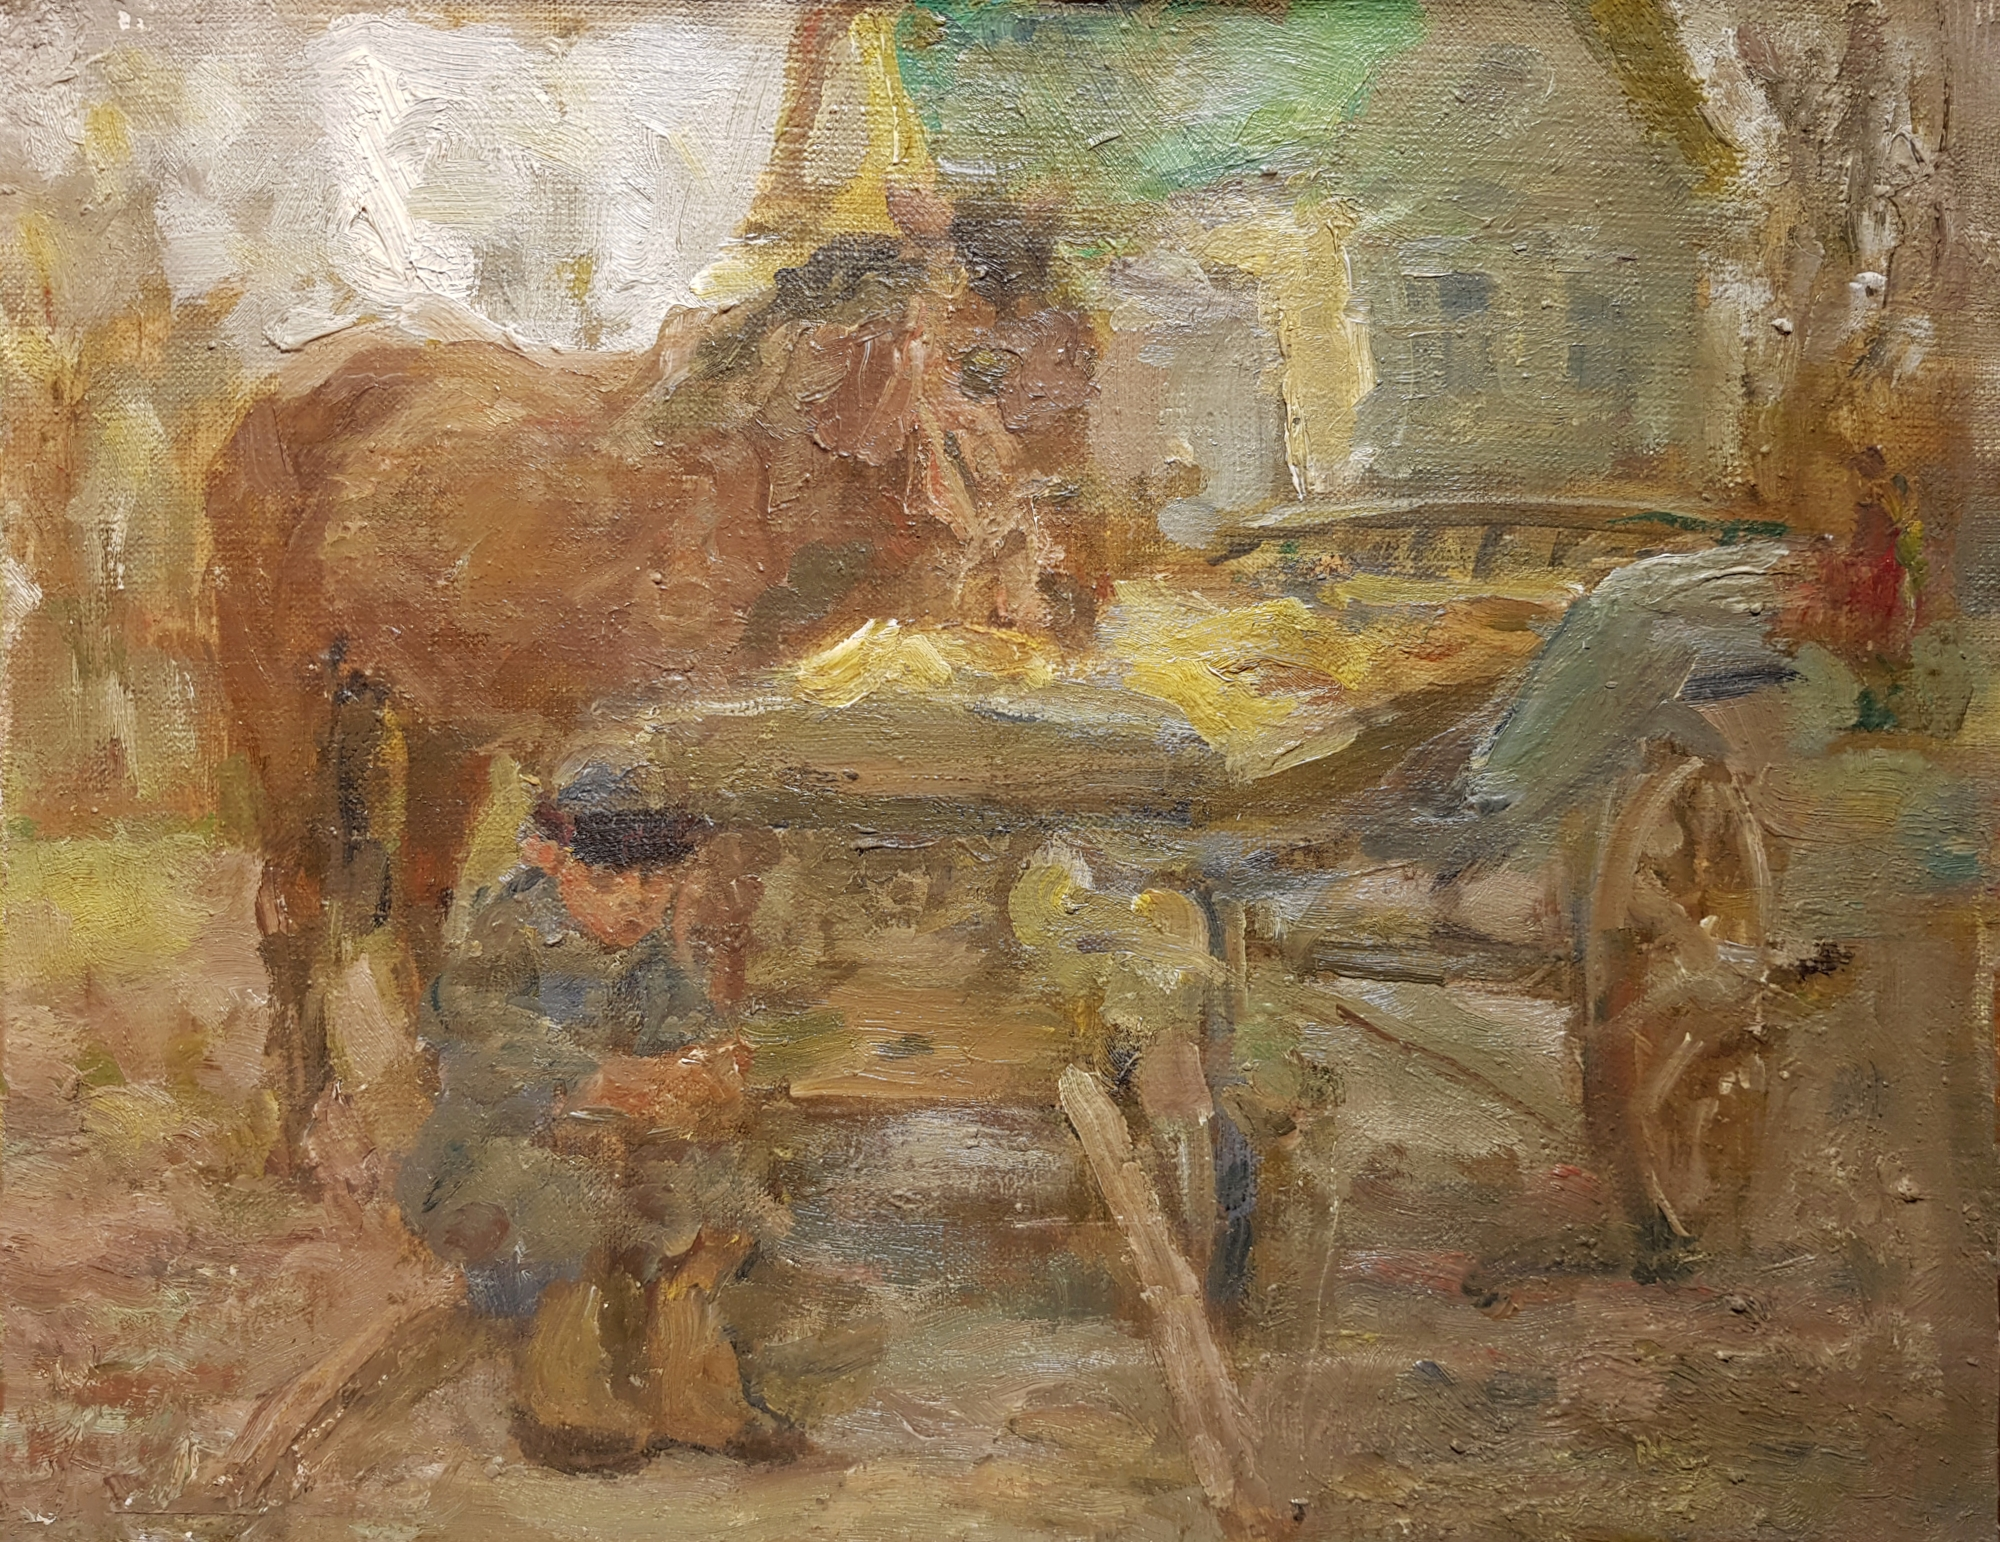 Васин Владимир Алексеевич. Мальчик с лошадью